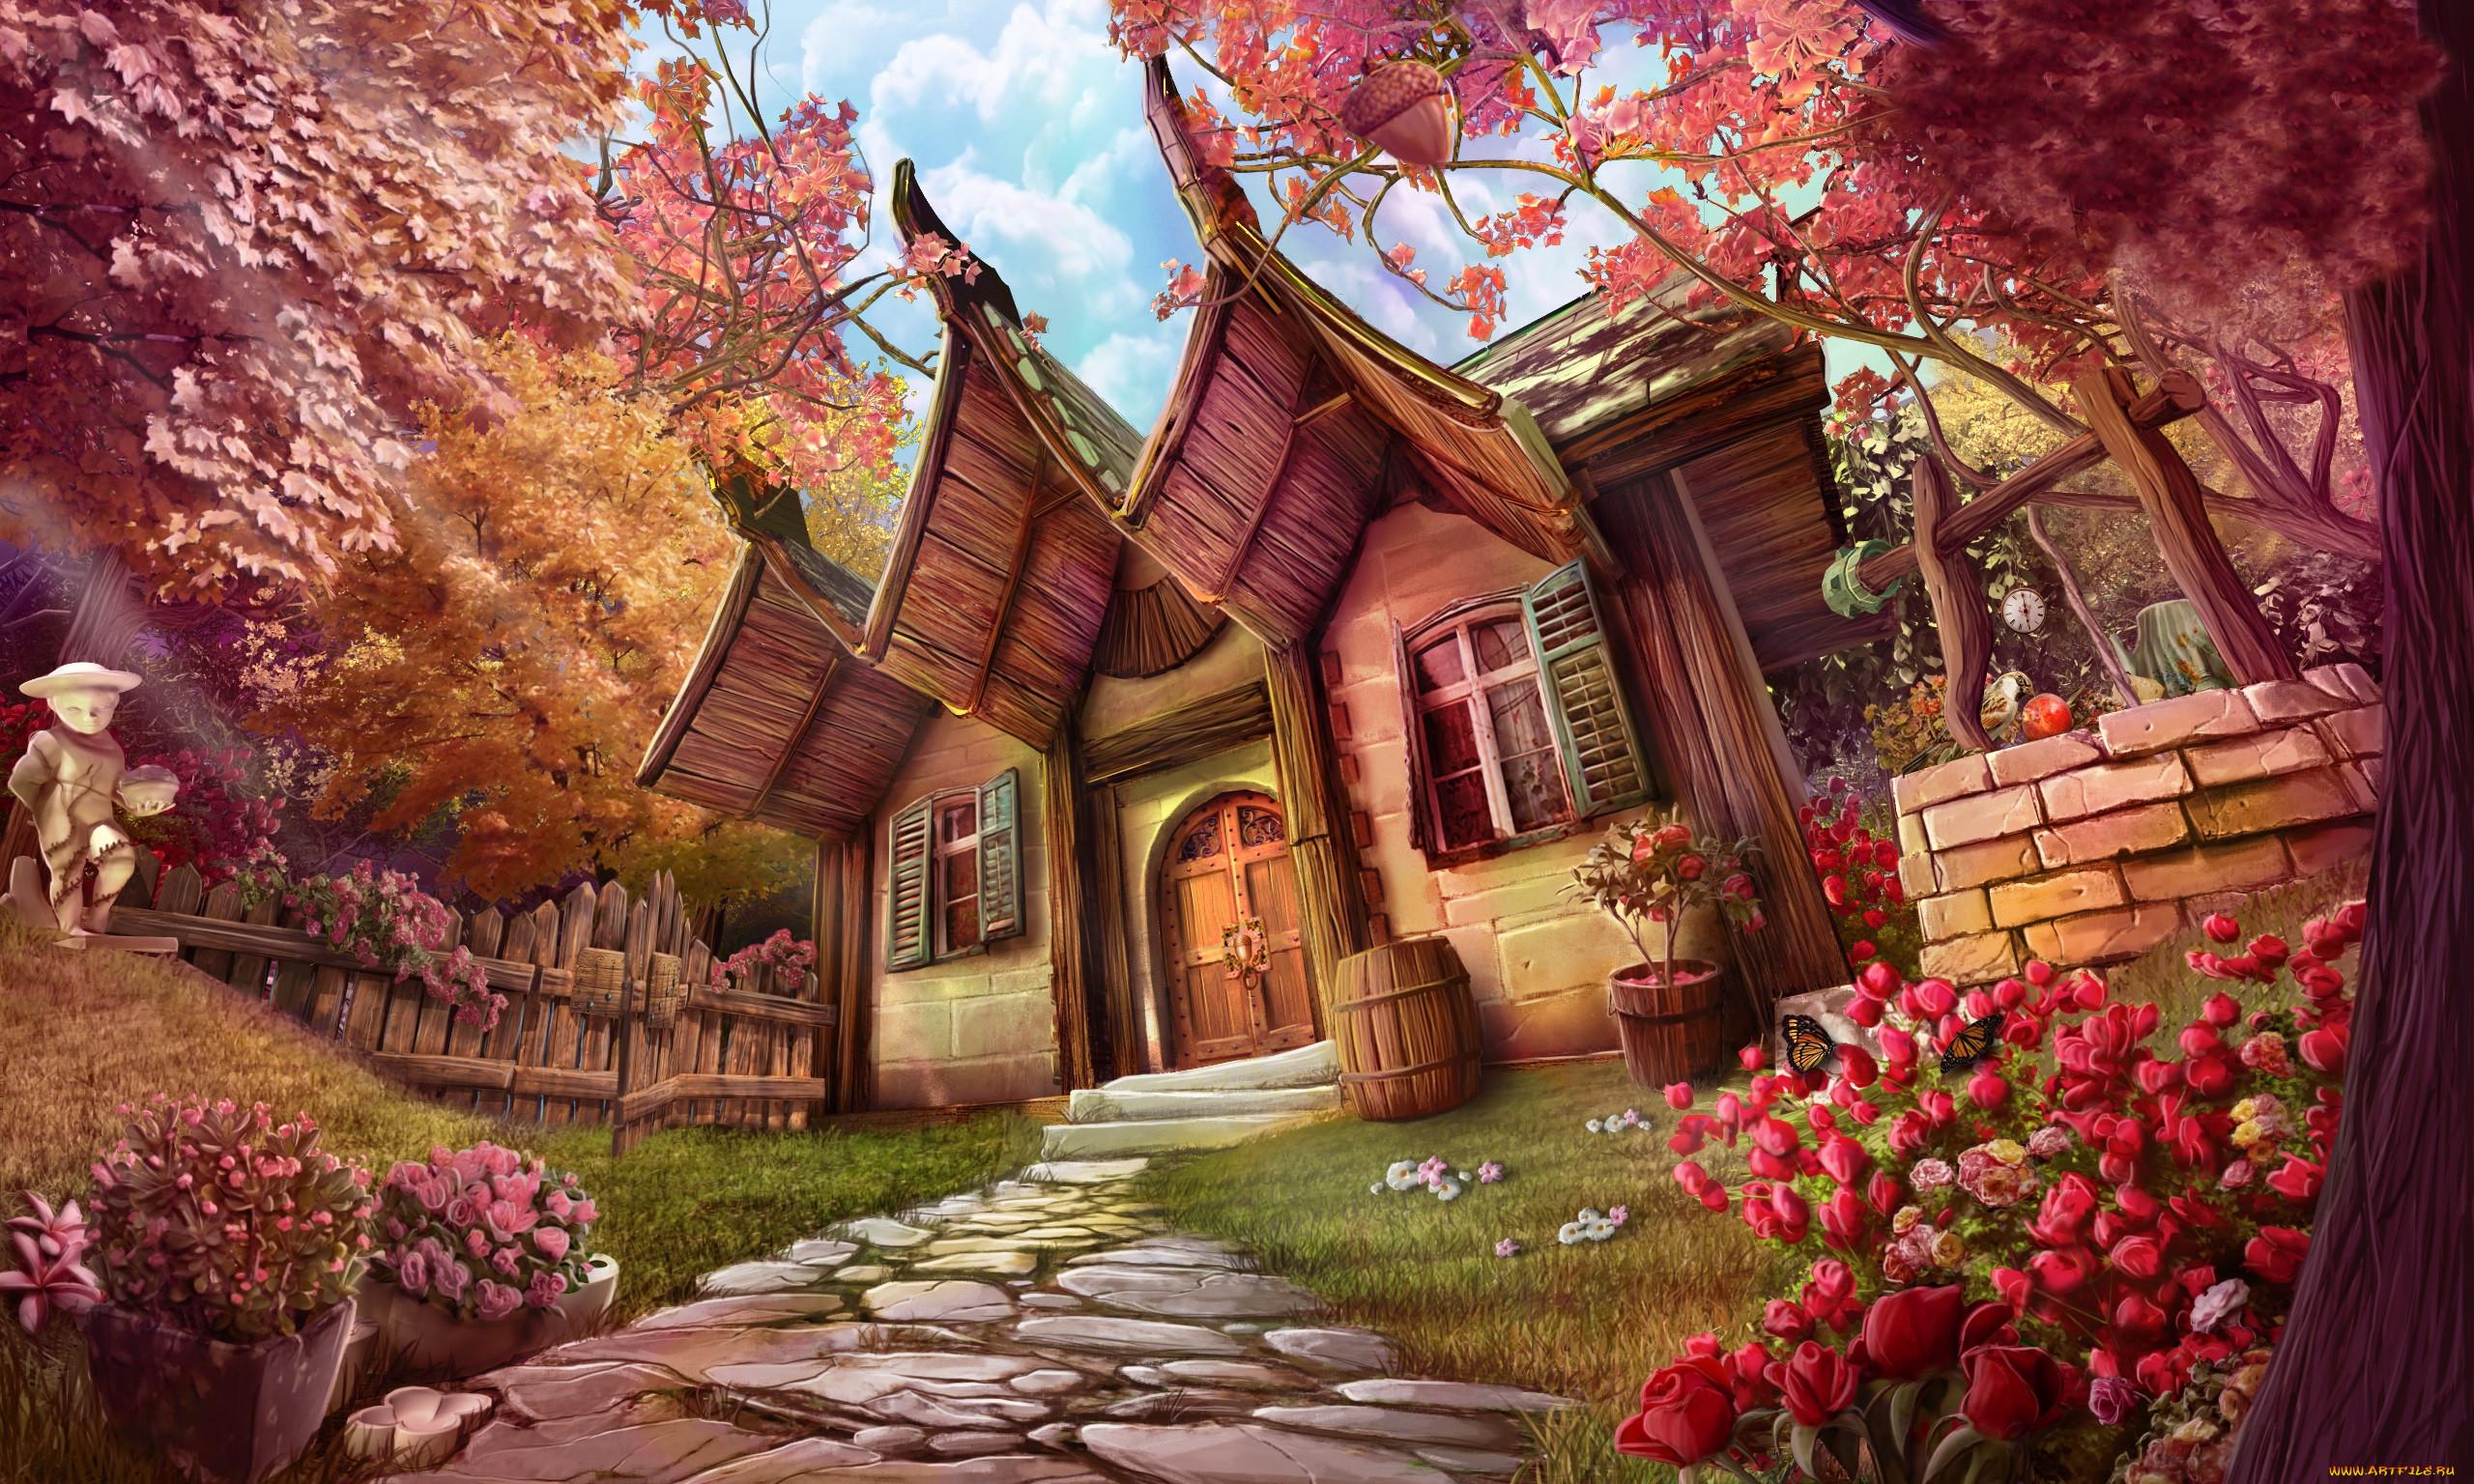 рисованное, города, цветы, лето, домик